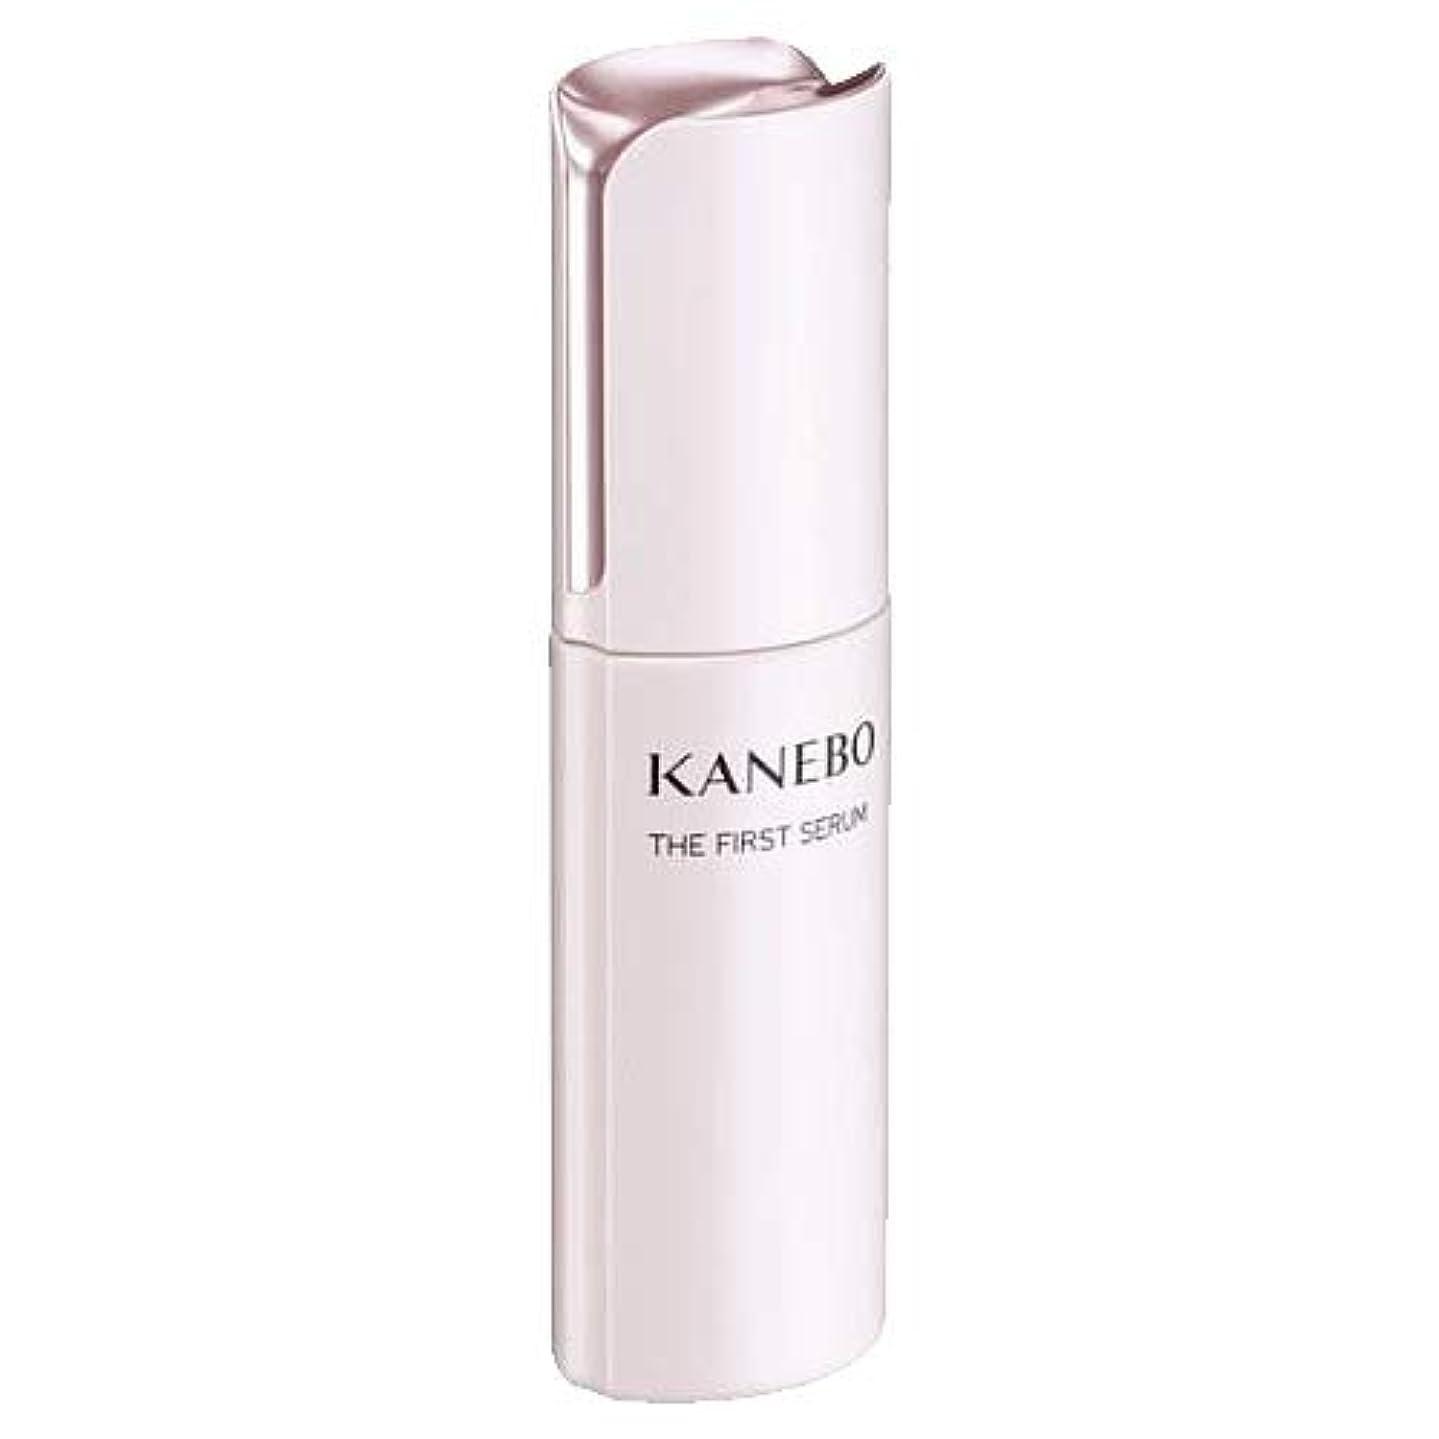 膨らませるキャッシュあごひげカネボウ KANEBO 美容液 ザ ファースト セラム 60ml [並行輸入品]